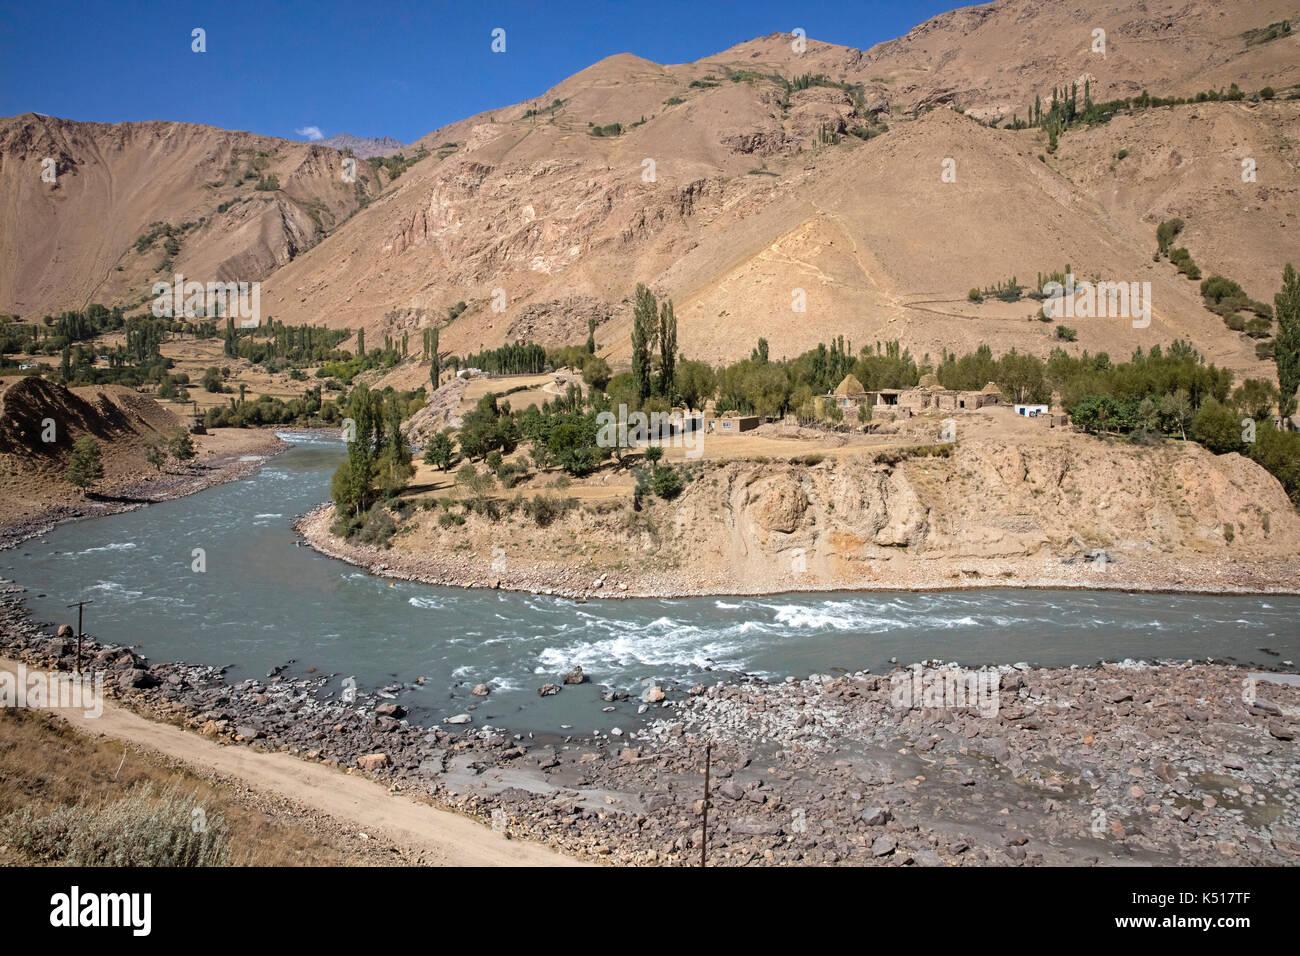 Wenig afghanischen Dorf und den Pamir Highway/M41 entlang der Pamir Fluss bildet die Grenze zwischen Tadschikistan und Afghanistan Stockbild